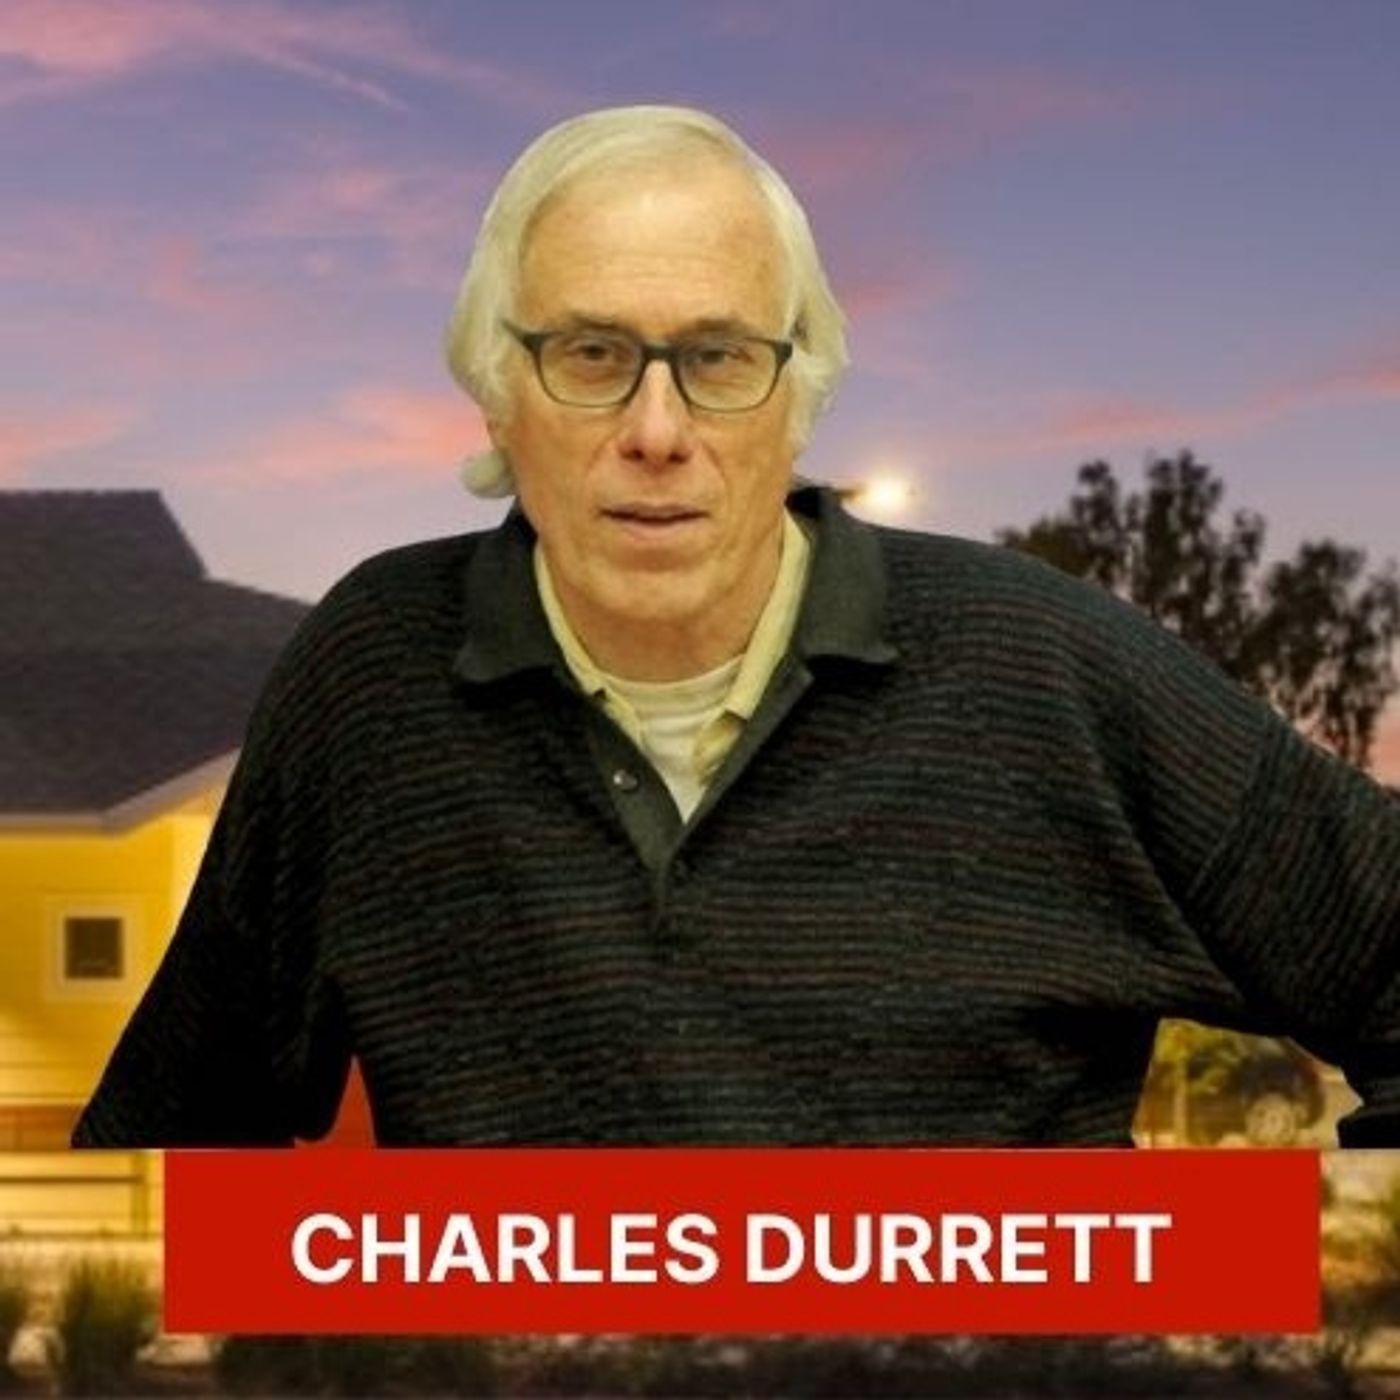 Solving Homelessness: Architect Charles Durrett's Plan